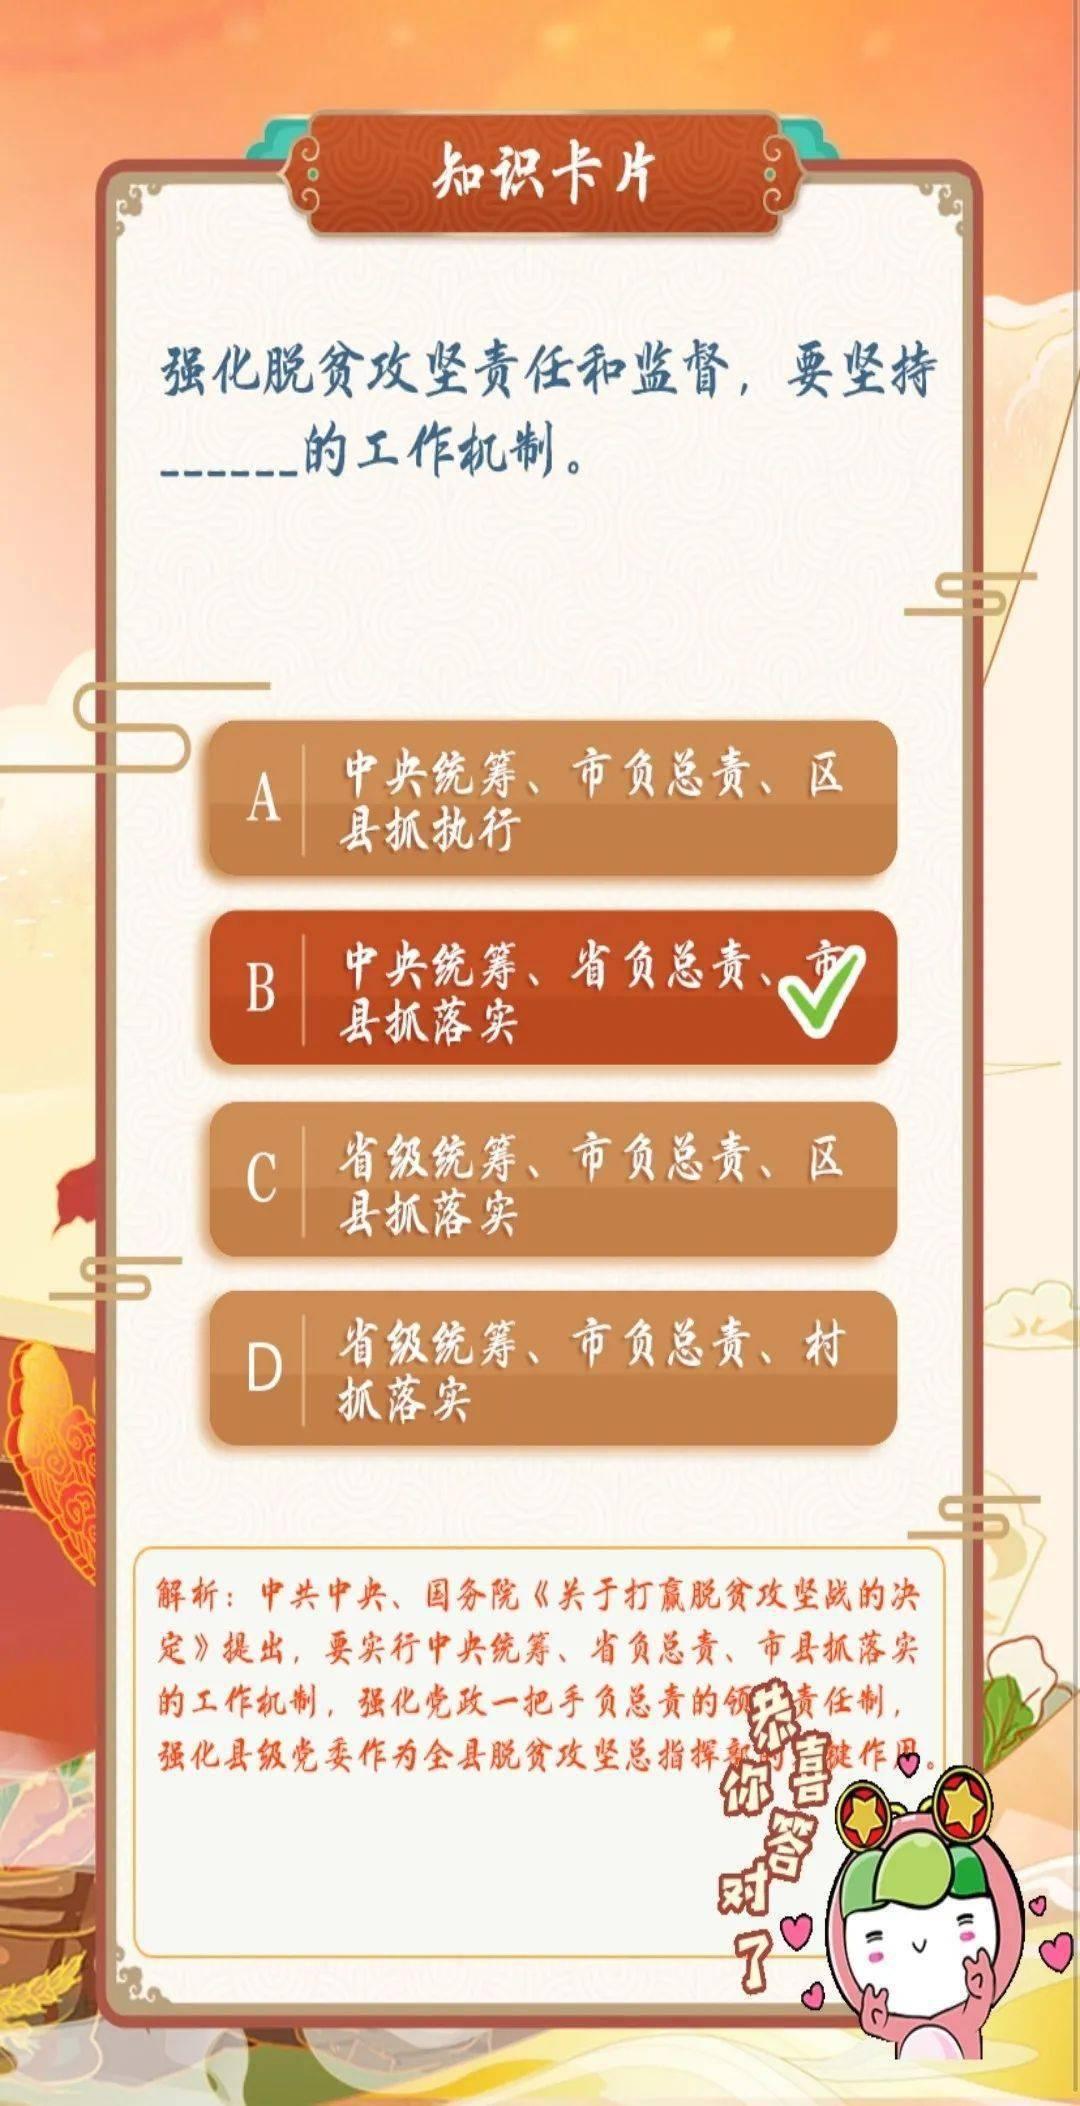 青年大学习第十季第二期答案大全,所有题目正确答案分享[多图]图片3